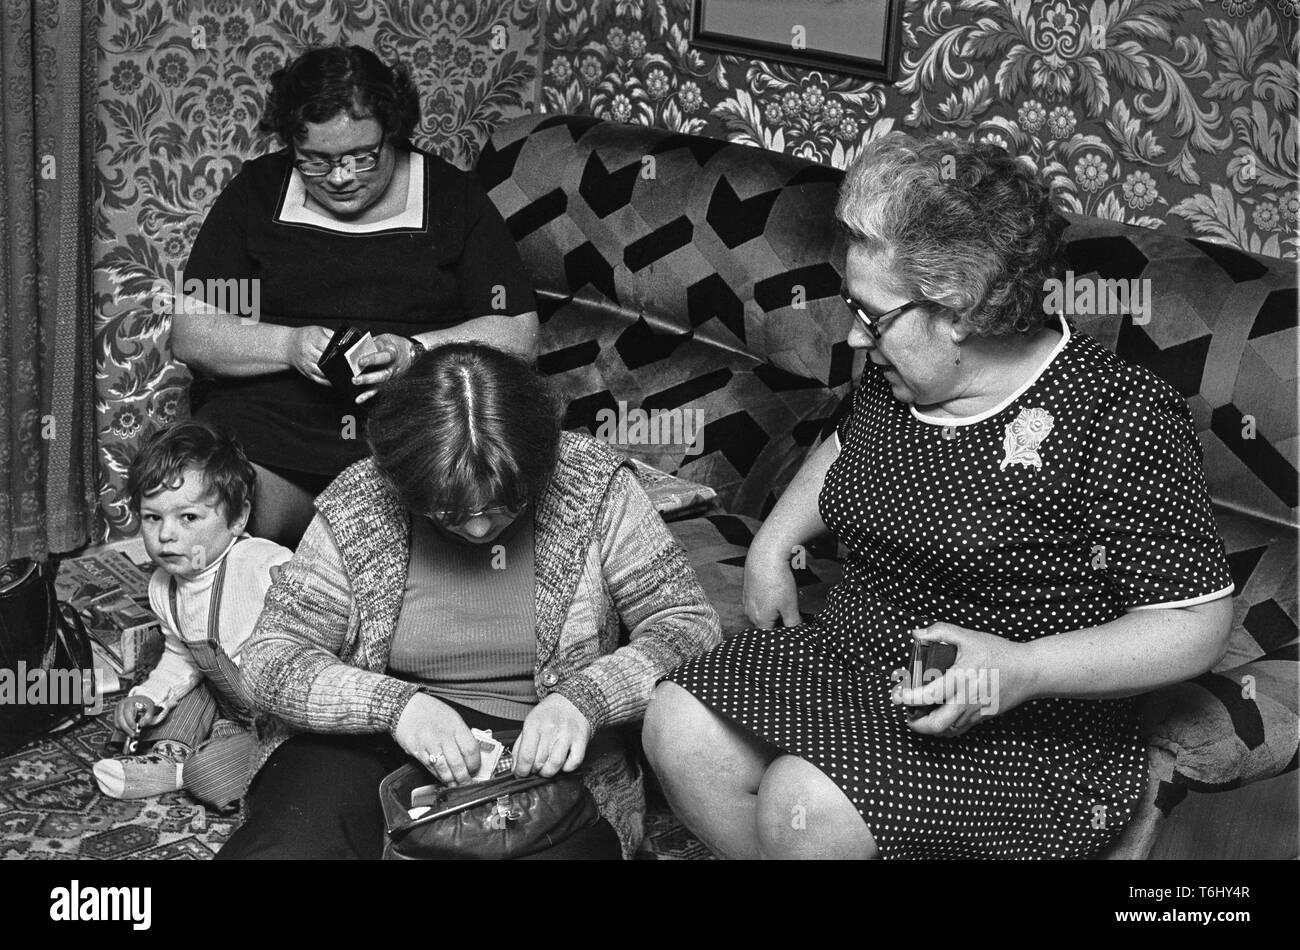 37/10  Tower Hamlets Mansford St  maisonettes, Vaness family  1978 Stock Photo